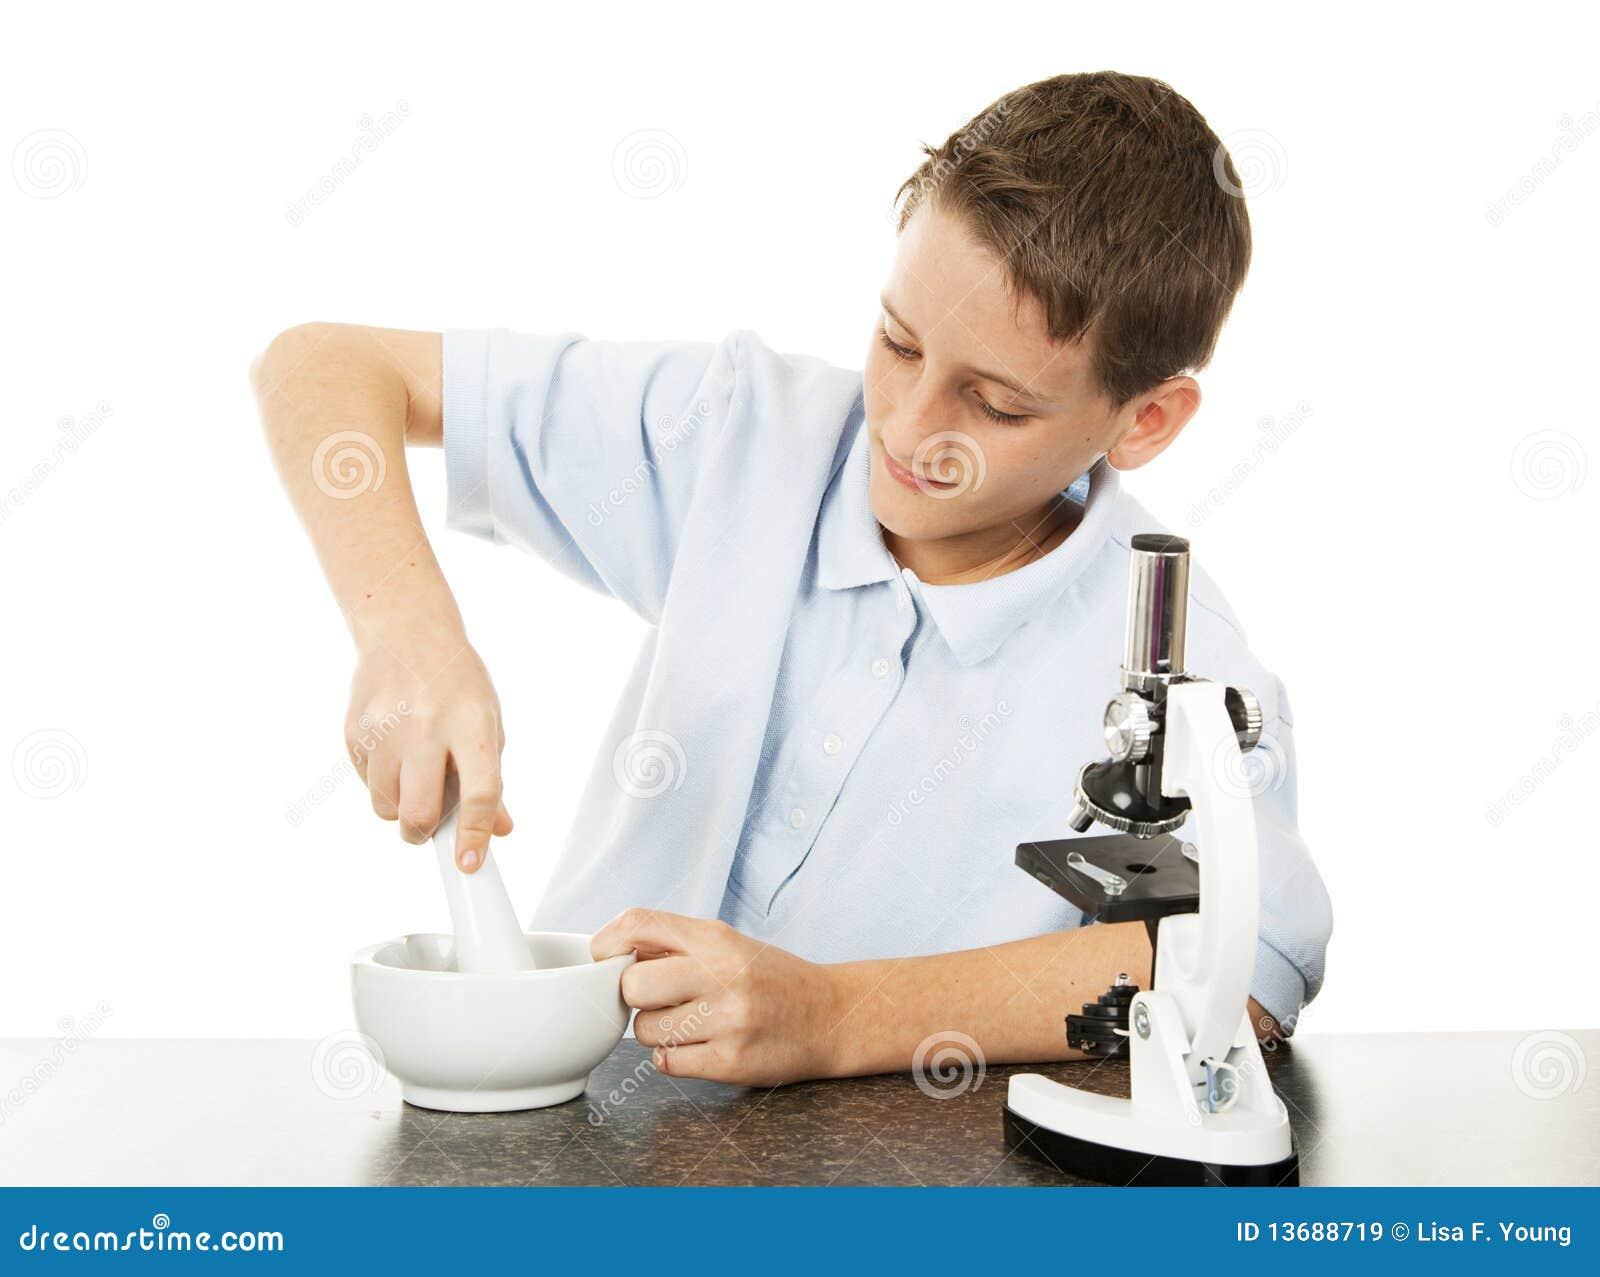 De jongen gebruikt Mortier en Stamper